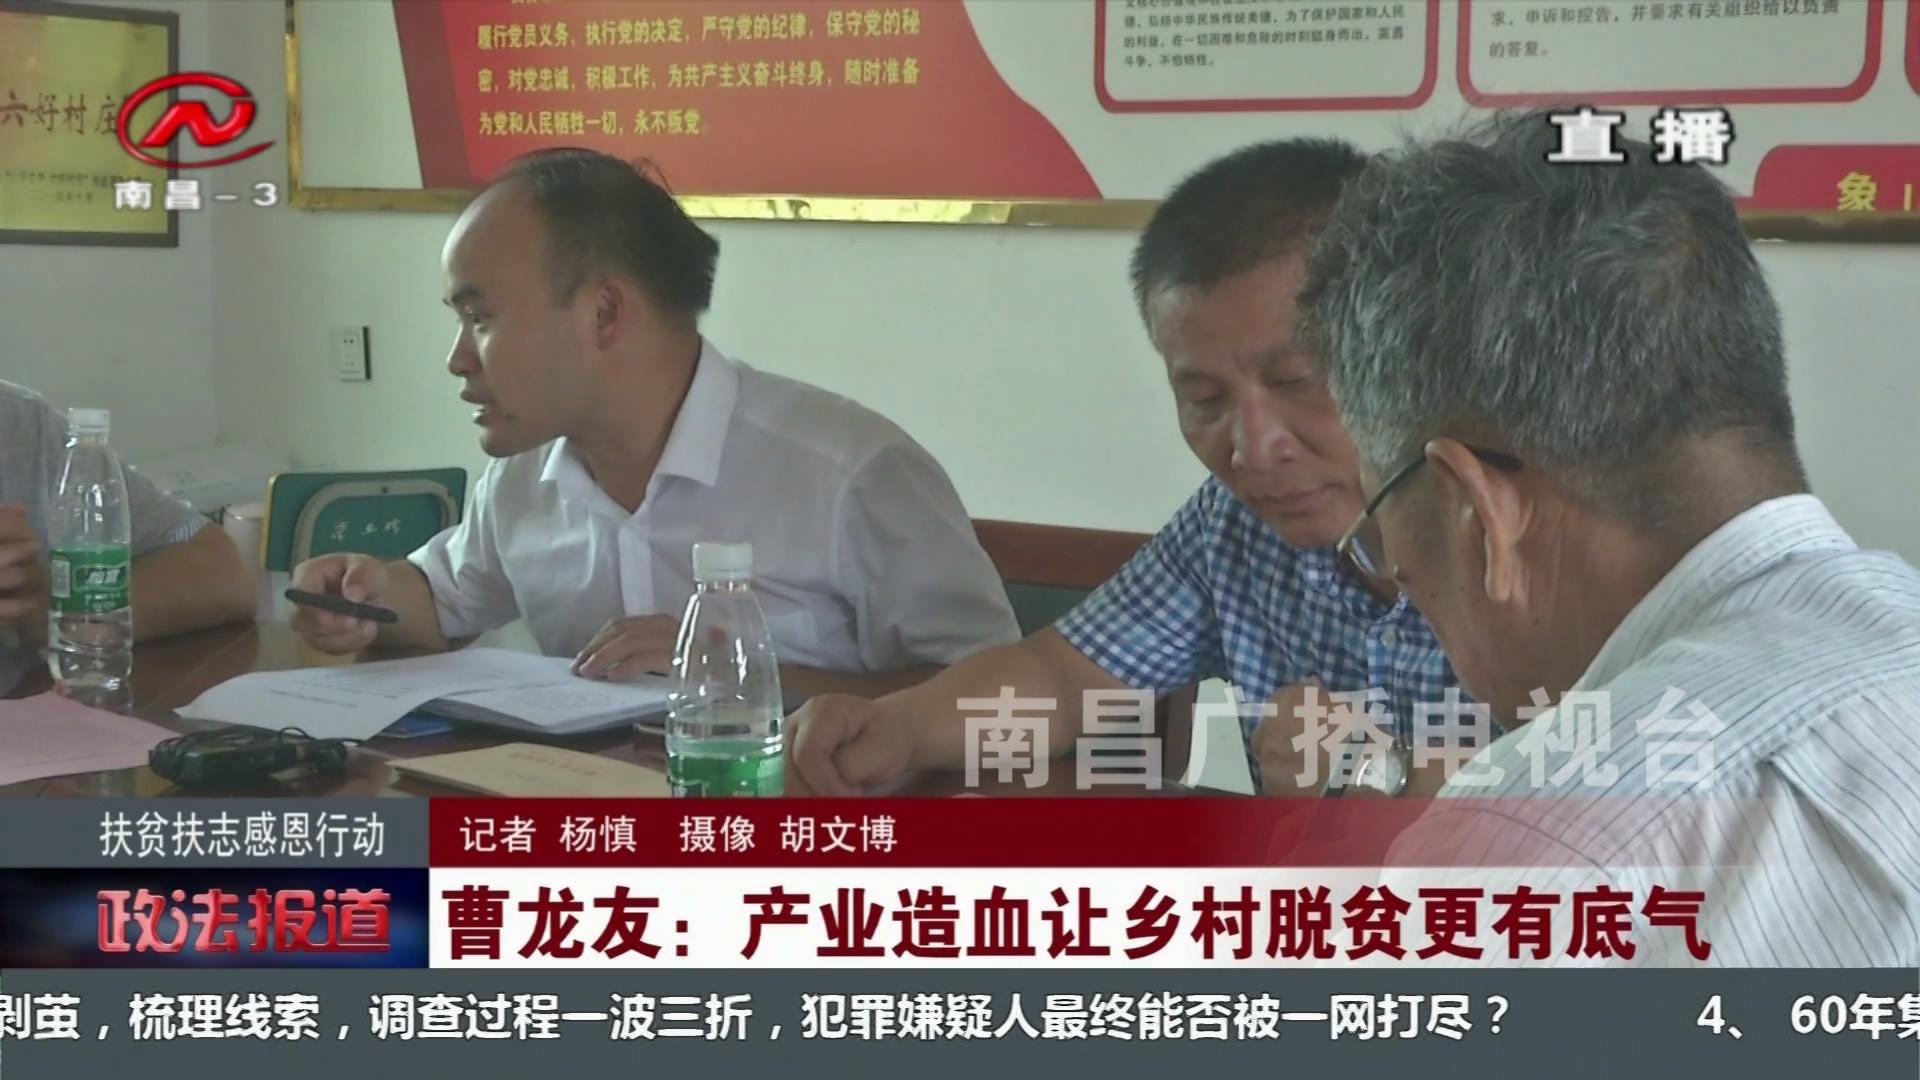 曹龙友:产业造血让乡村脱贫更有底气